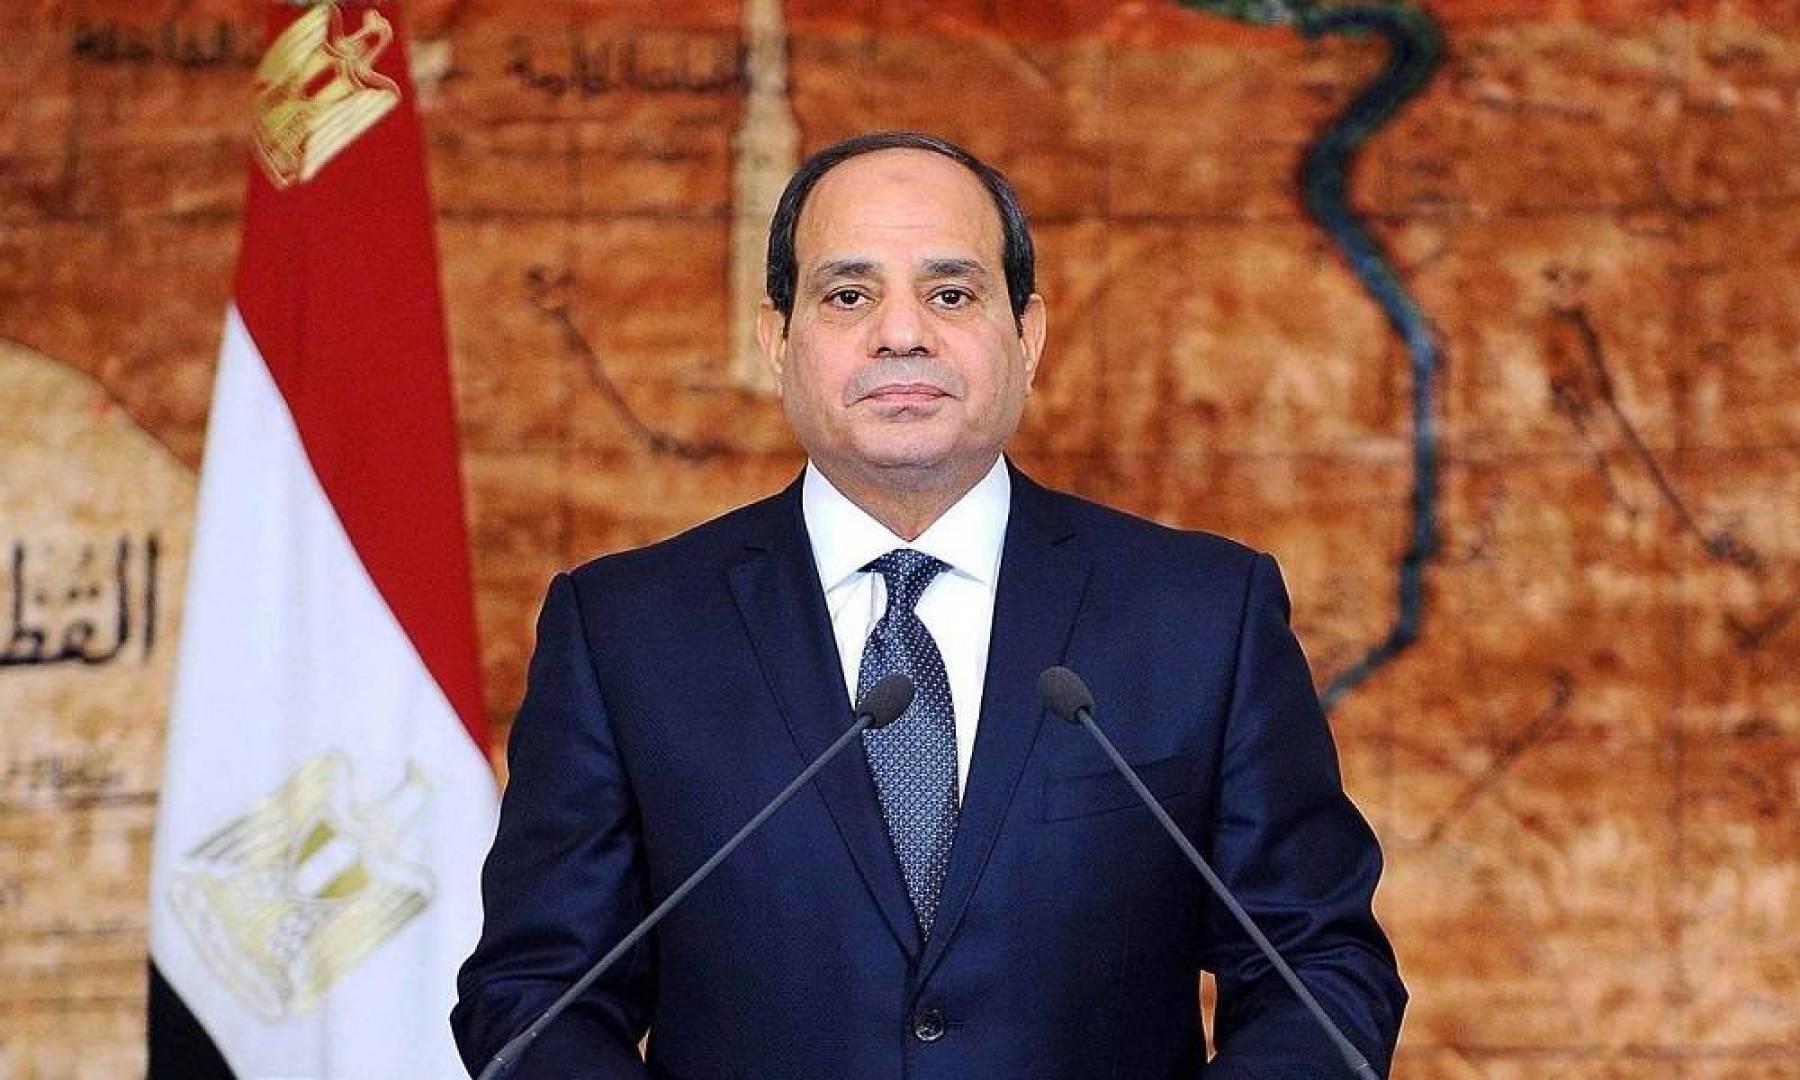 السيسي: عقيدة مصر احترام الآخر واتخاذ ما يلزم لحماية حقوقها